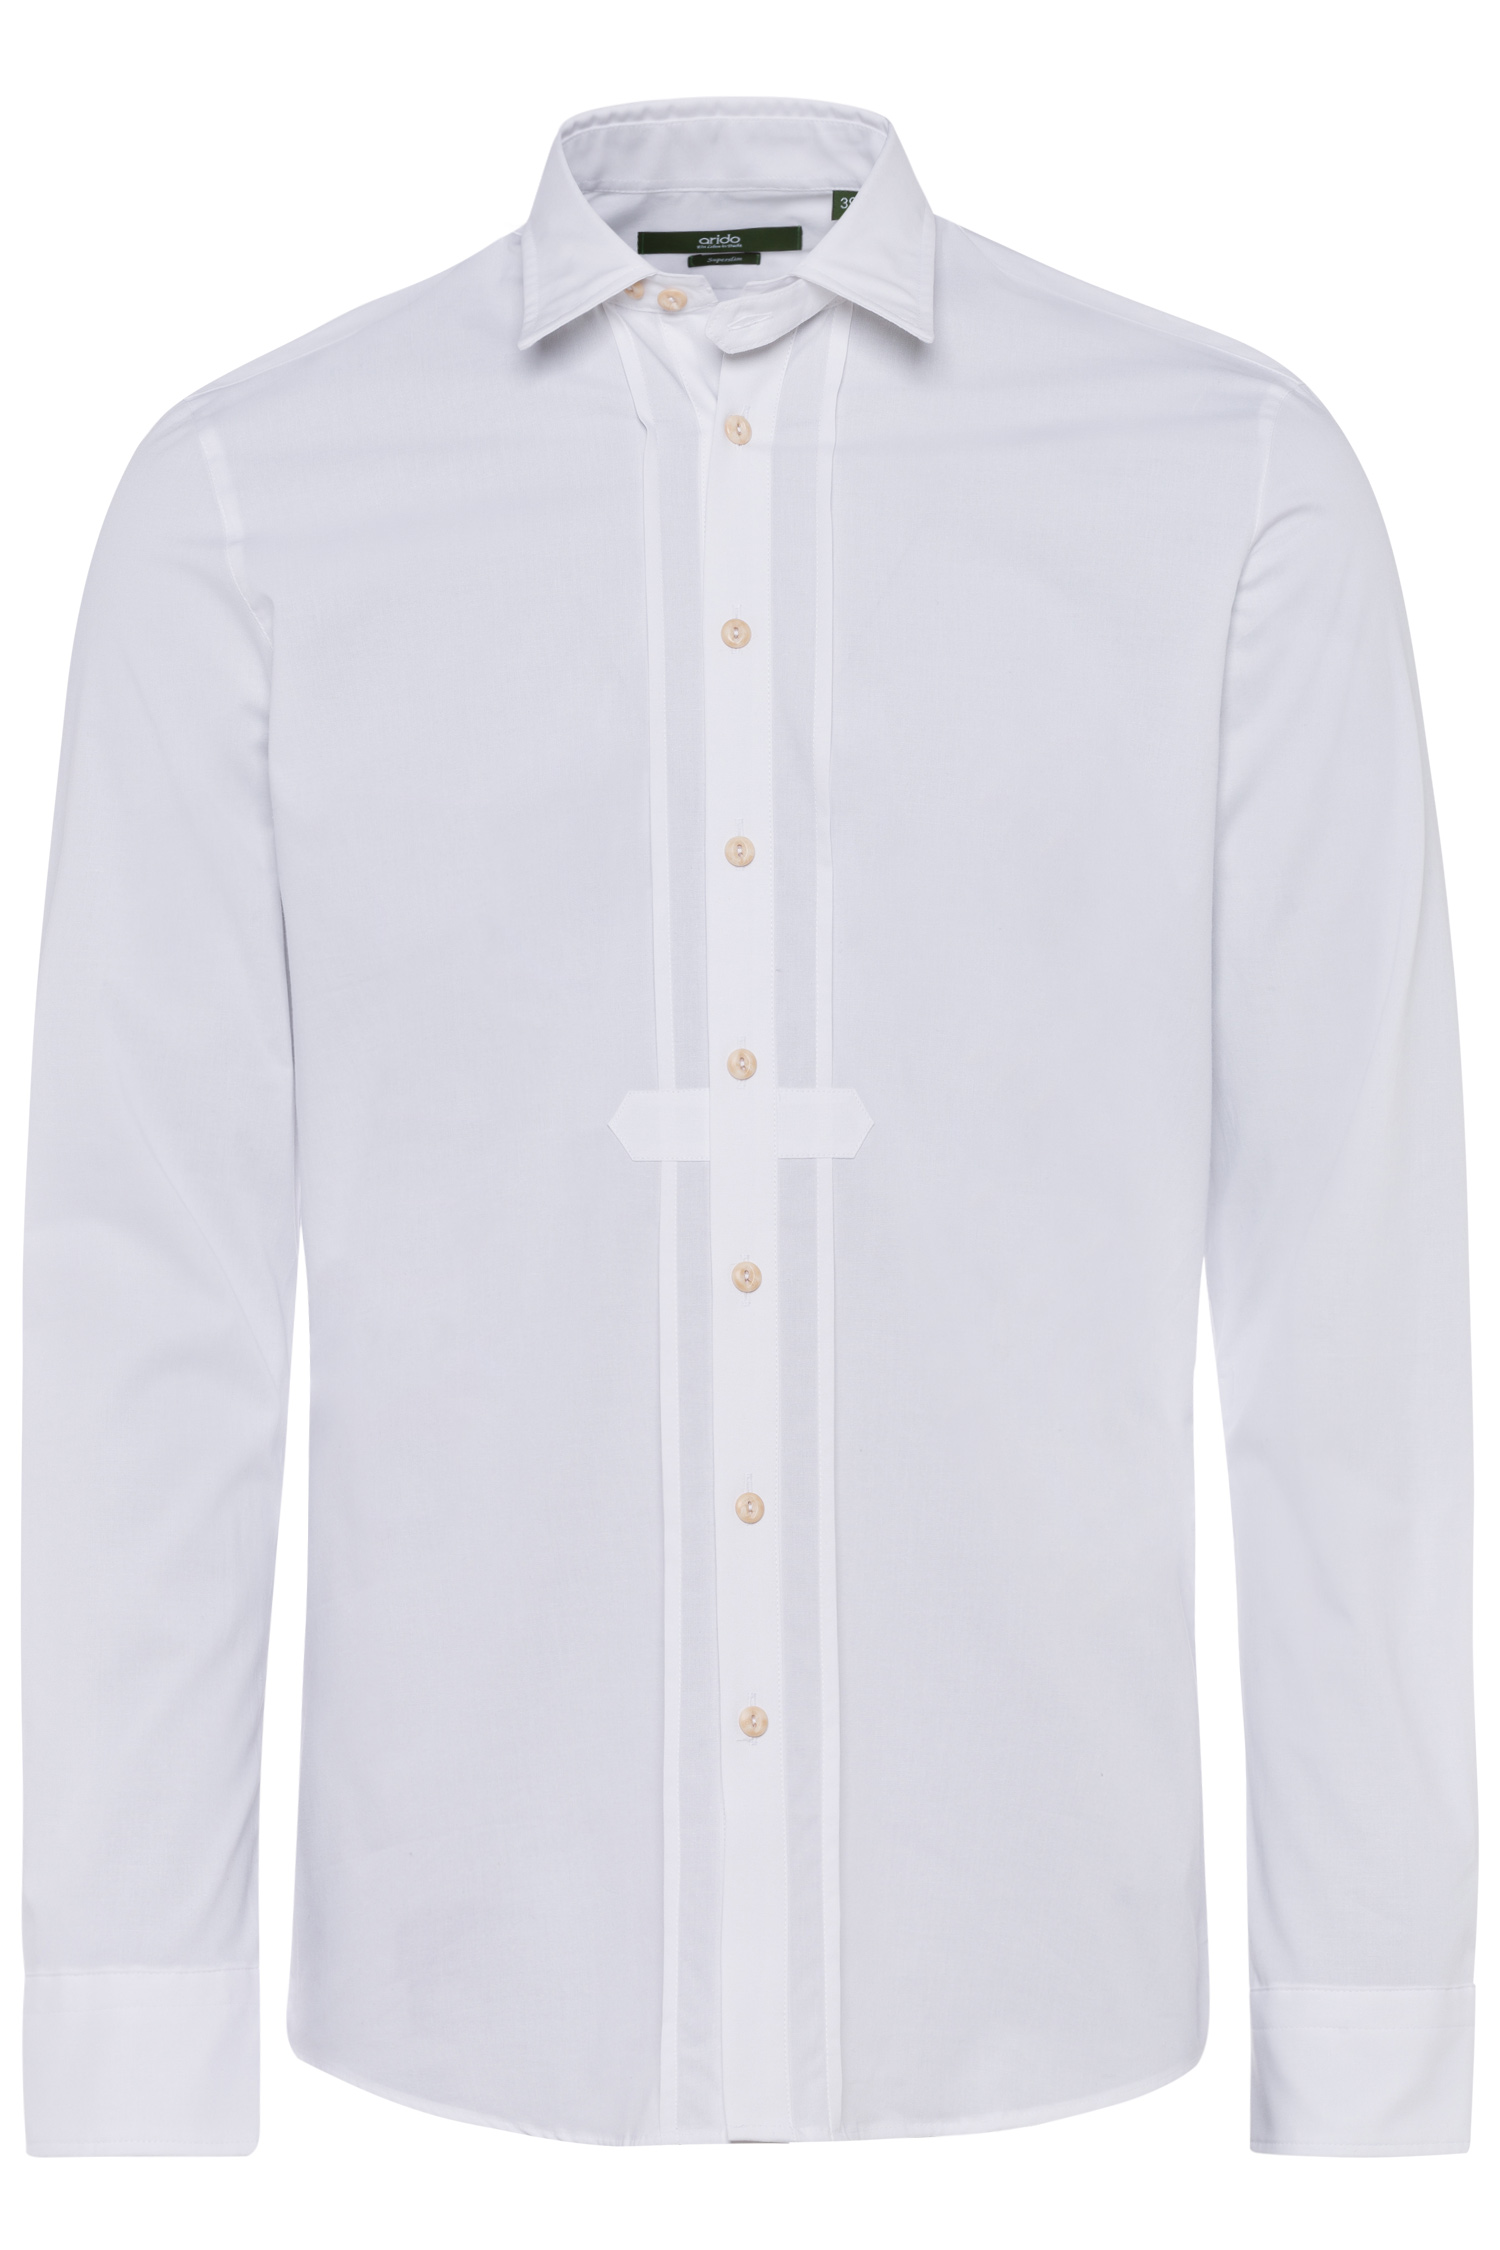 Trachtenhemd Superslim 37 | 00 weiß